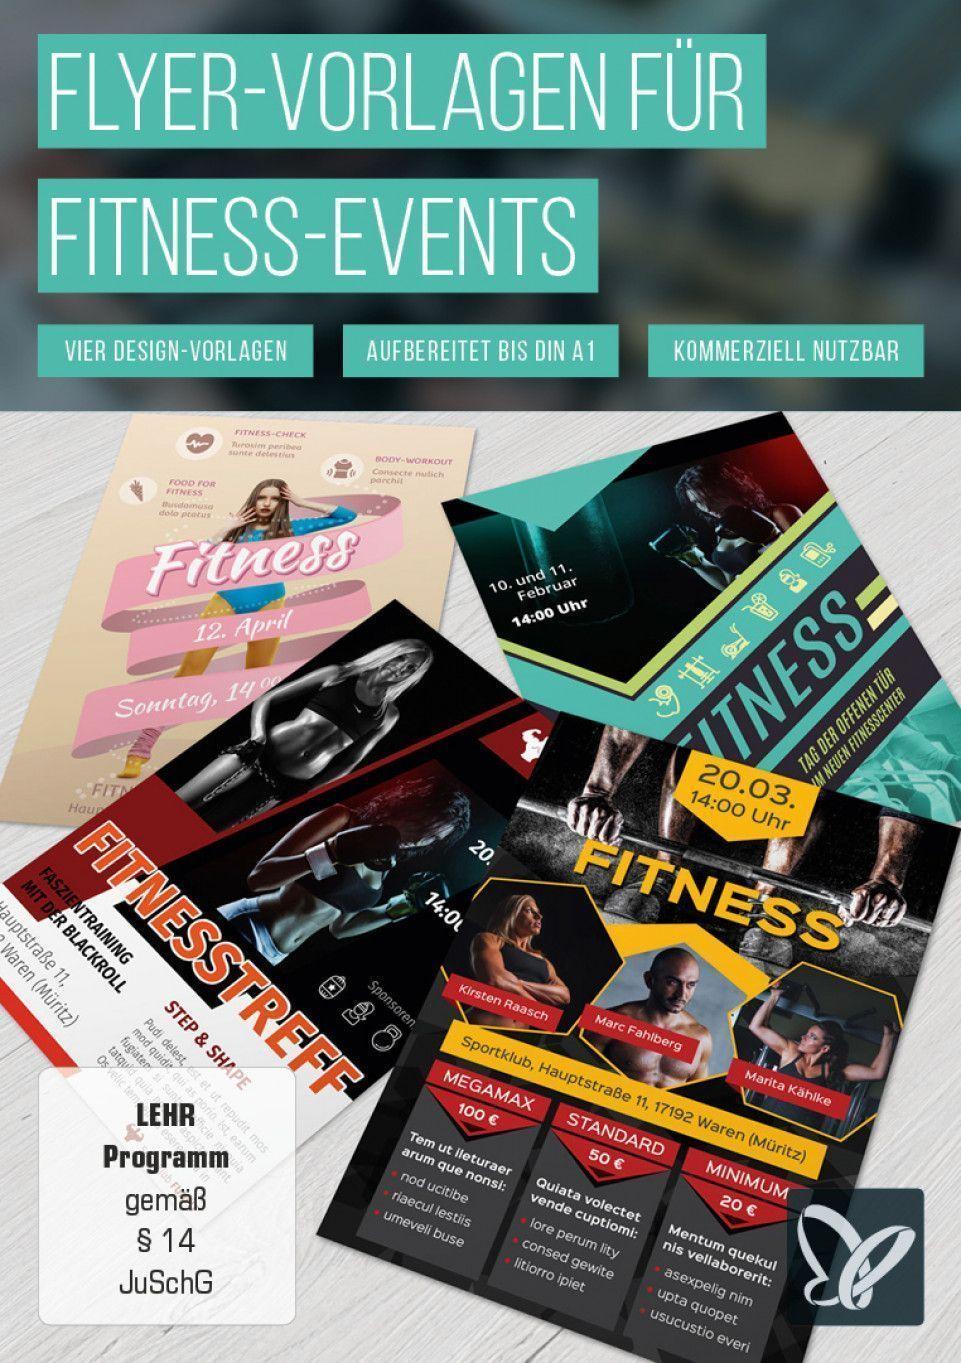 #Der #fitness #Fitnessstudios #FlyerVorlagen #für  #fitness #fitnessstudioprobetraining #fitnessstud...